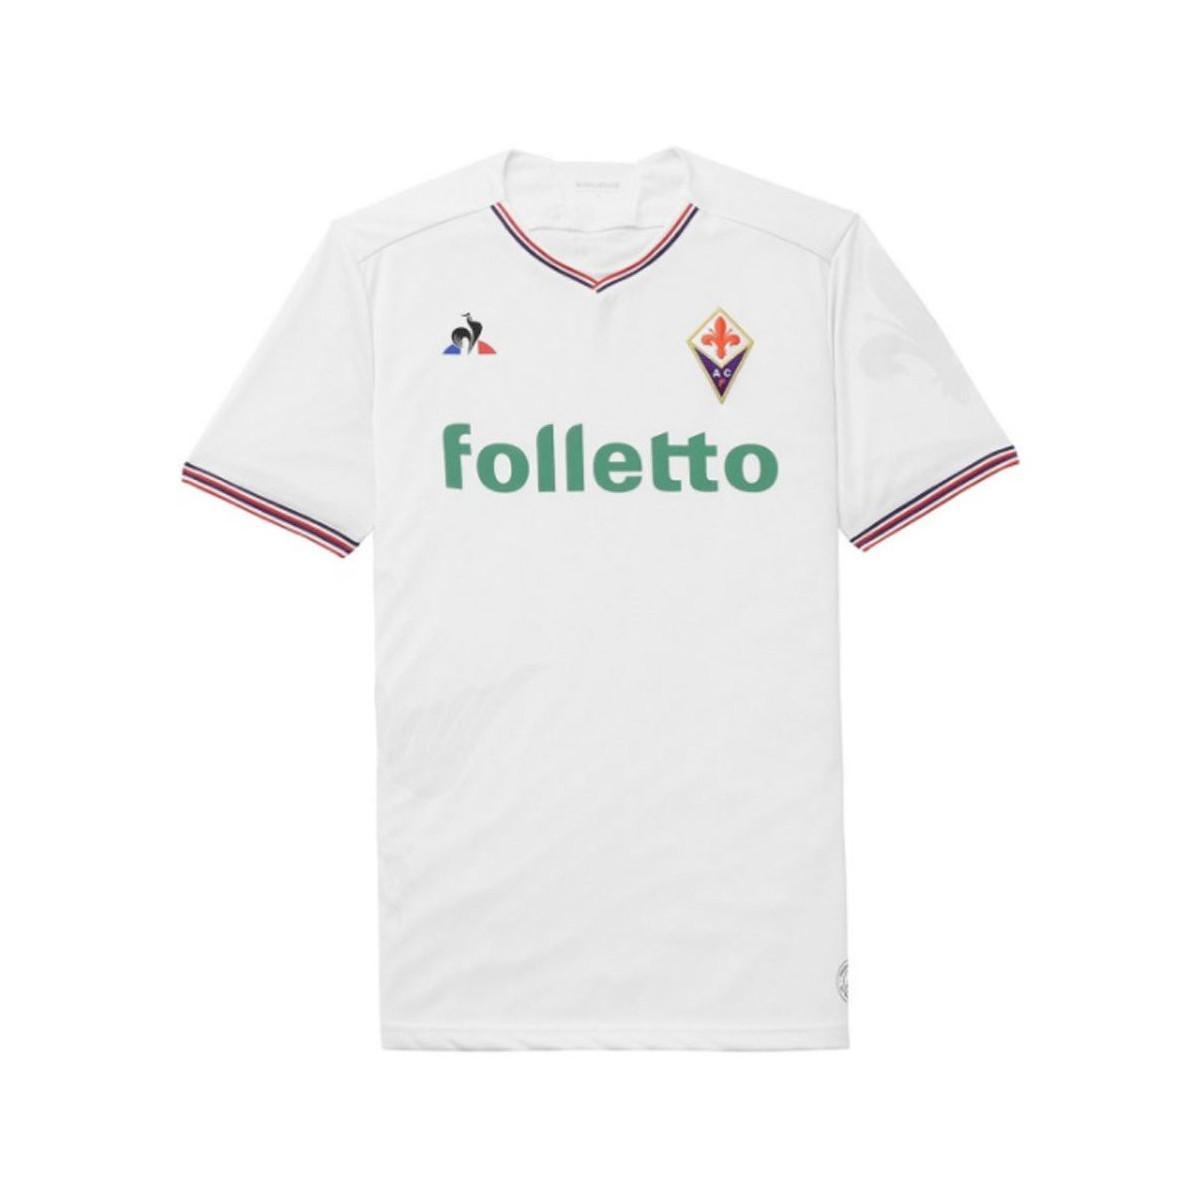 4a924cd72e3 Le Coq Sportif 2017-18 Fiorentina Away Shirt (batistuta 9) - Kids ...